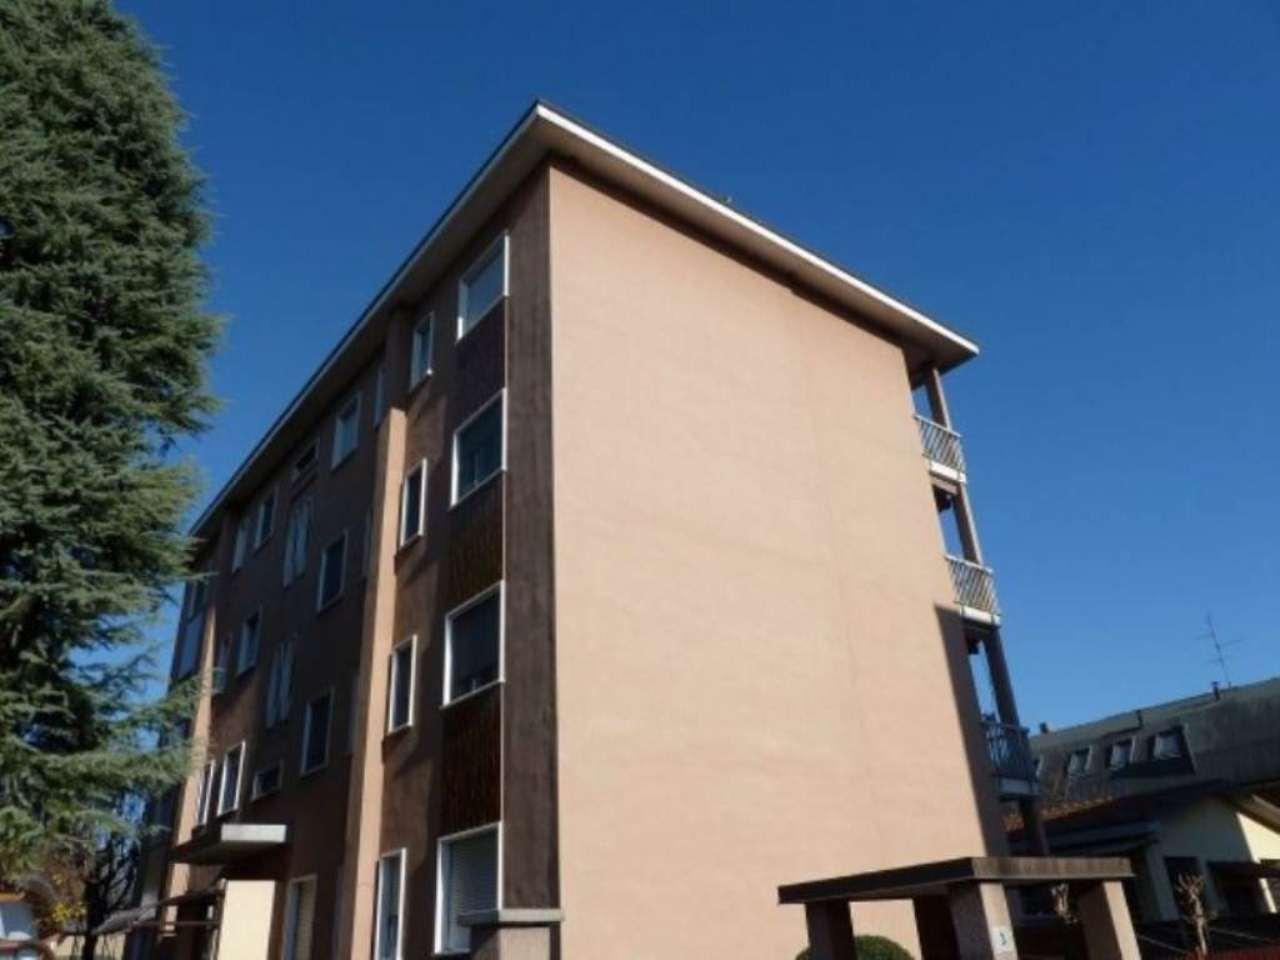 Appartamento in vendita a Senago, 2 locali, prezzo € 62.000 | Cambio Casa.it